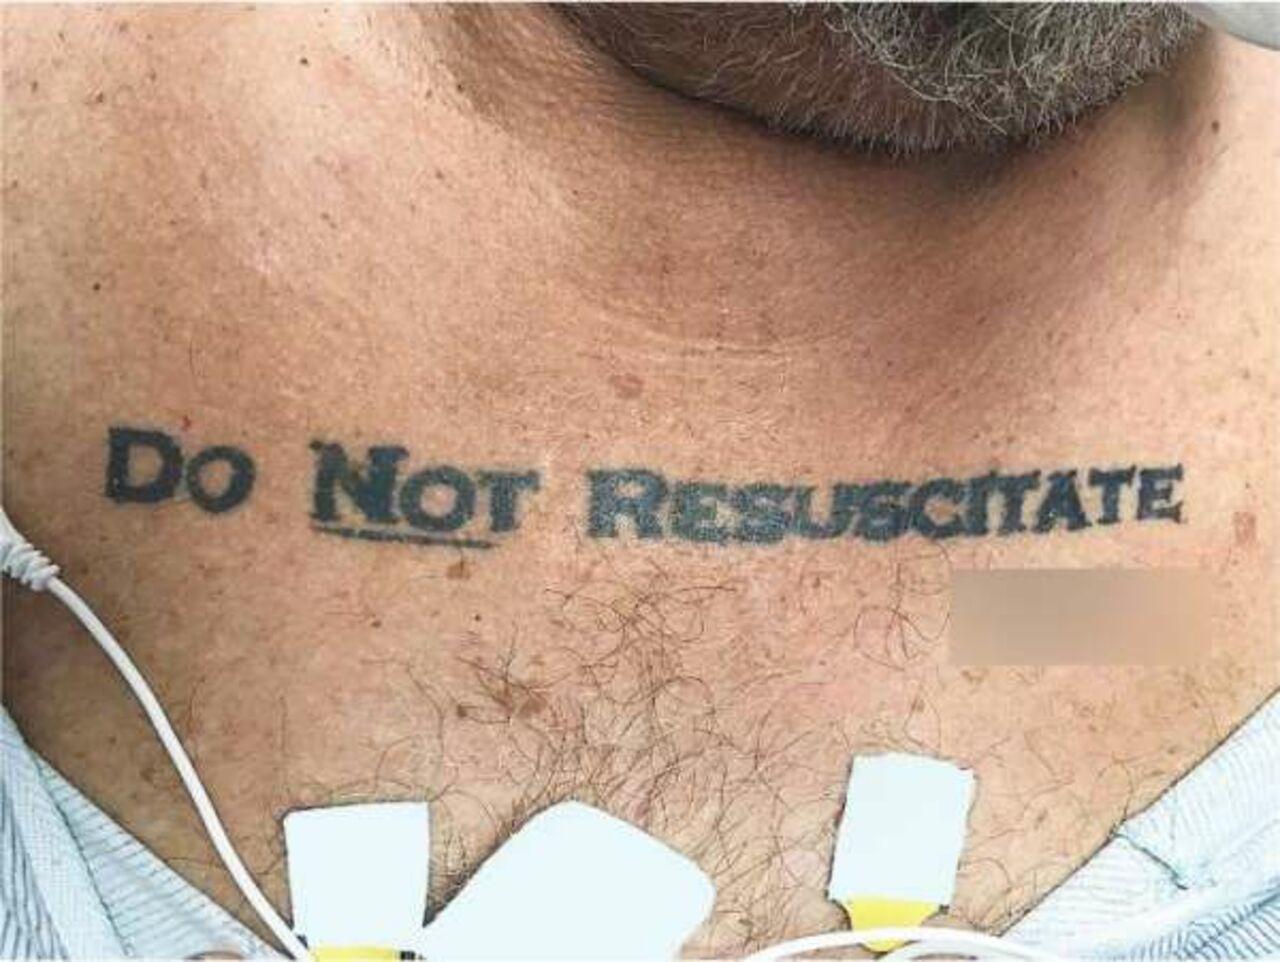 Мед. работники скорой помощи обнаружили нагруди упациента татуировку, запрещающую реанимацию